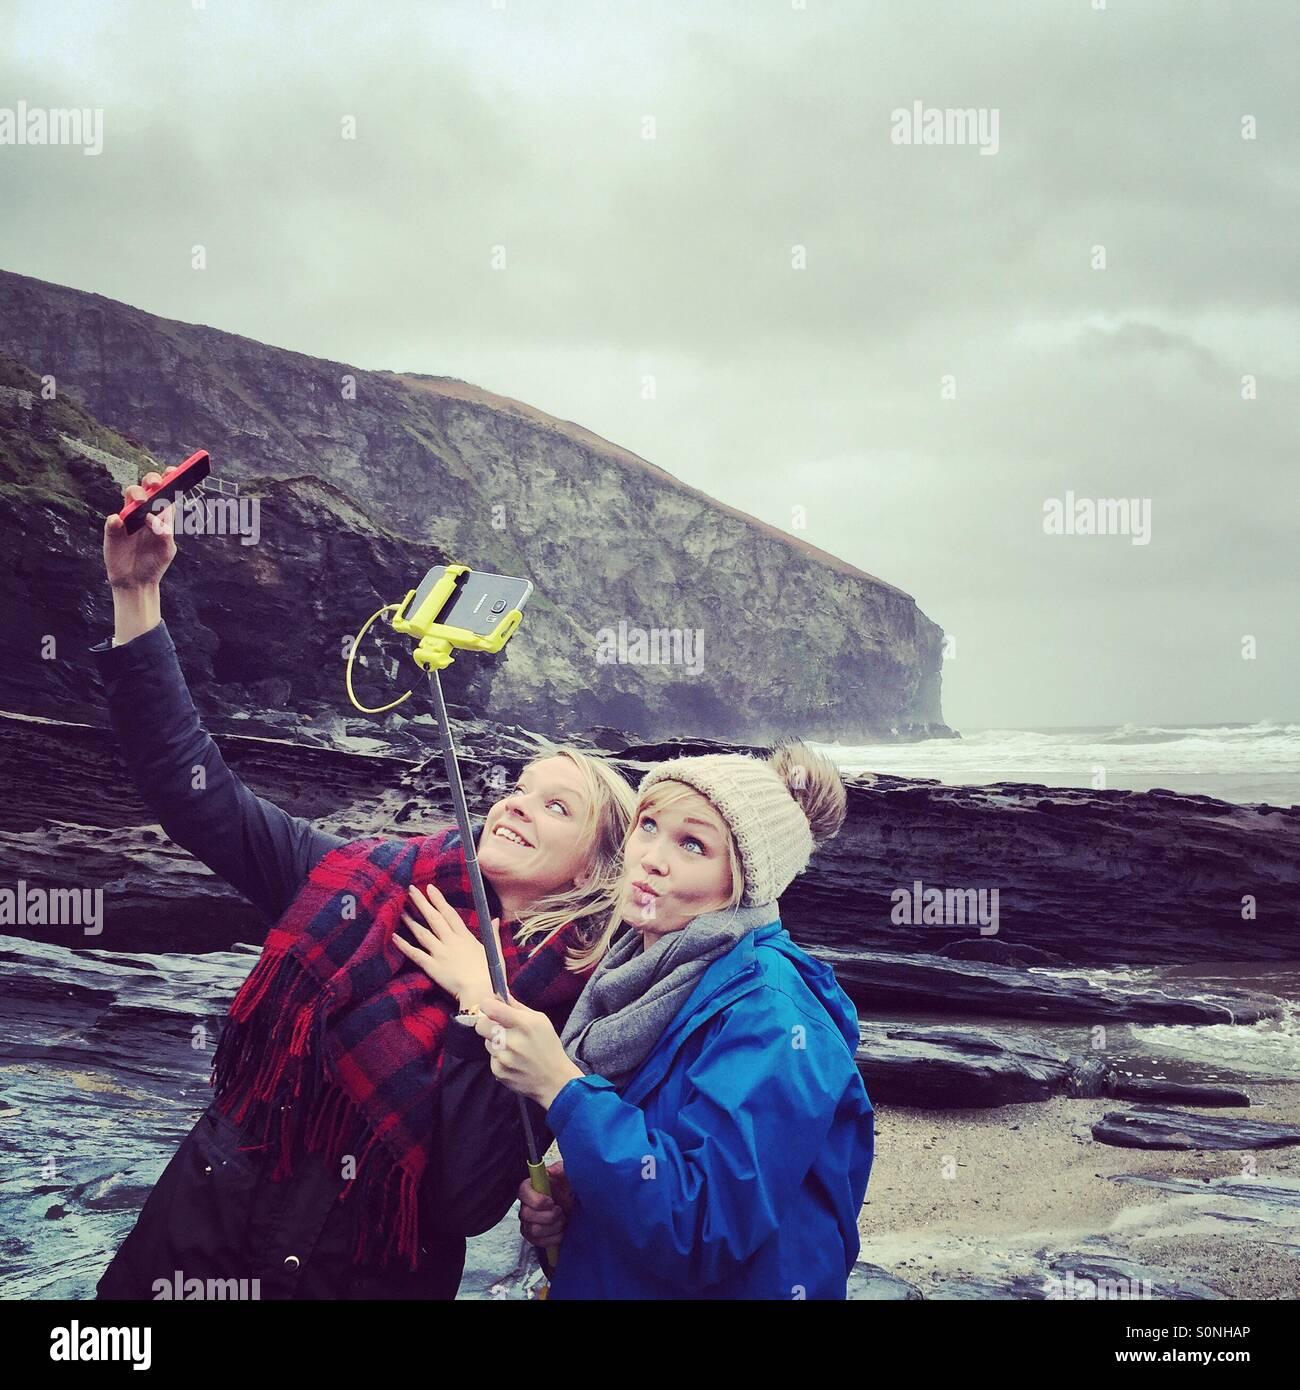 Deux jeunes filles en tenant vos autoportraits Photo Stock